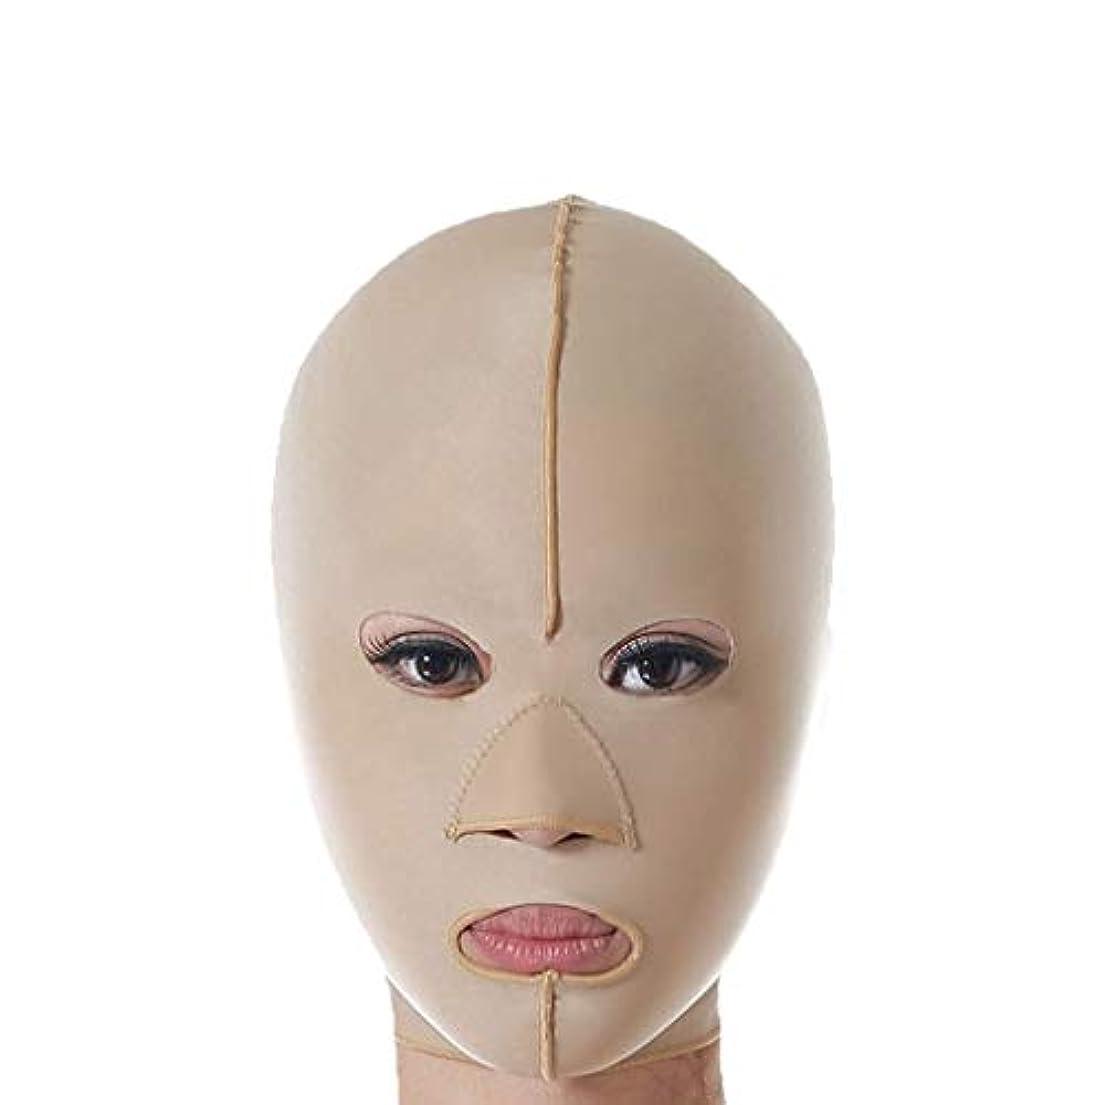 子猫に並外れた減量フェイスマスク、リフティング包帯、スリムフェイスリフトリフティングベルト、フェイシャル減量リフティング包帯、リフティングファーミング包帯(サイズ:XL),M